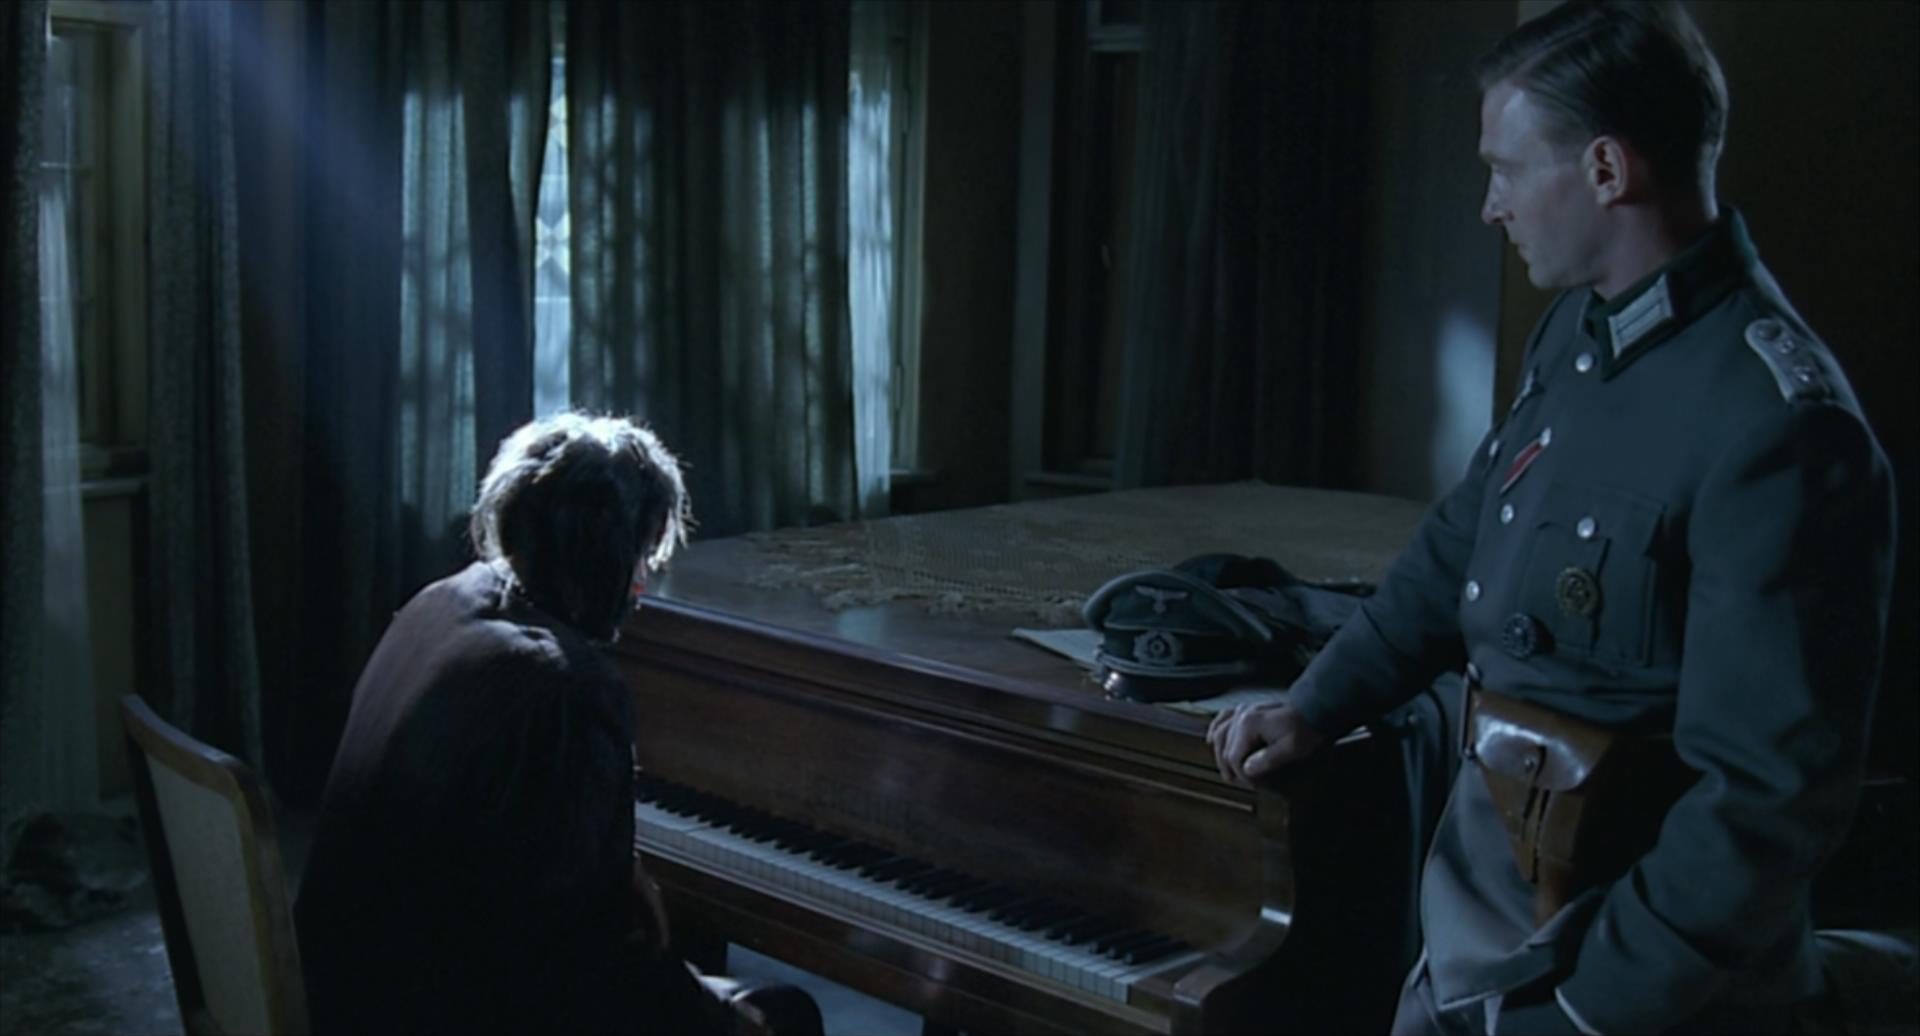 2002残酷剧情片《钢琴家》3800字,10分钟剧情解说稿-第11张图片